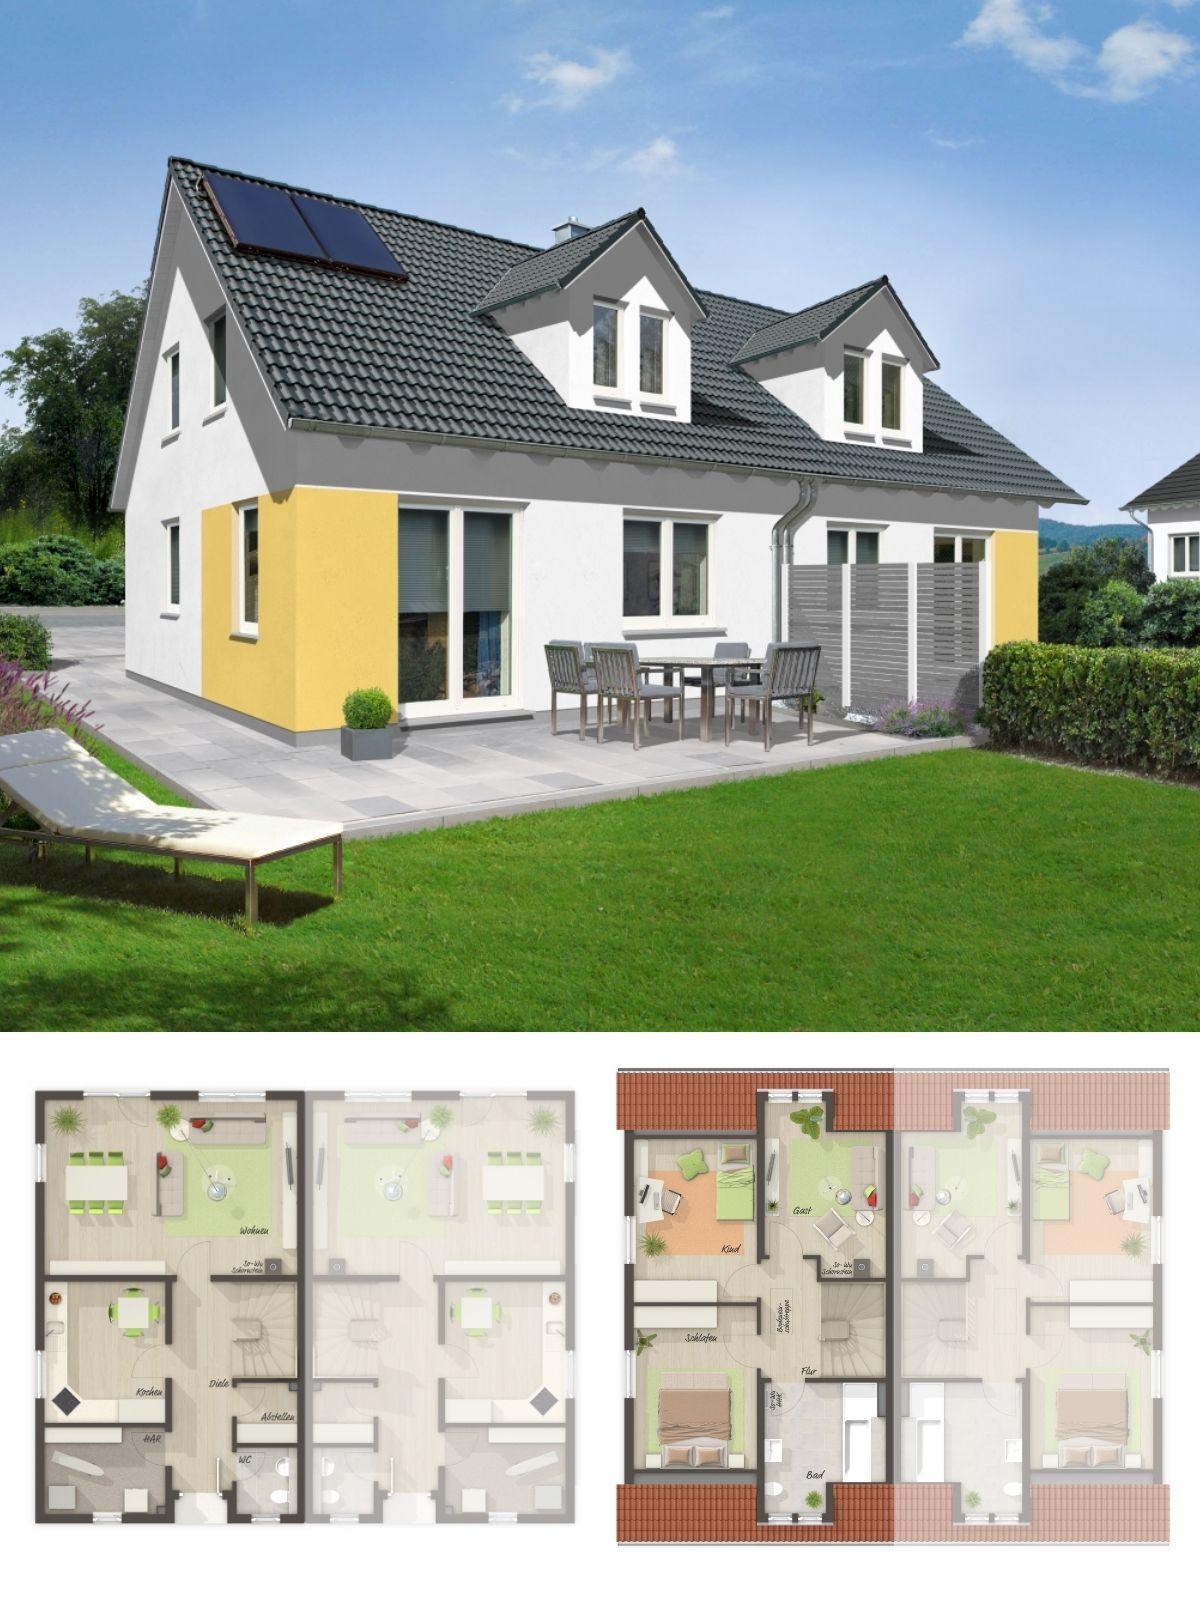 Moderne Doppelhaushälfte mit Satteldach Architektur, Gaube